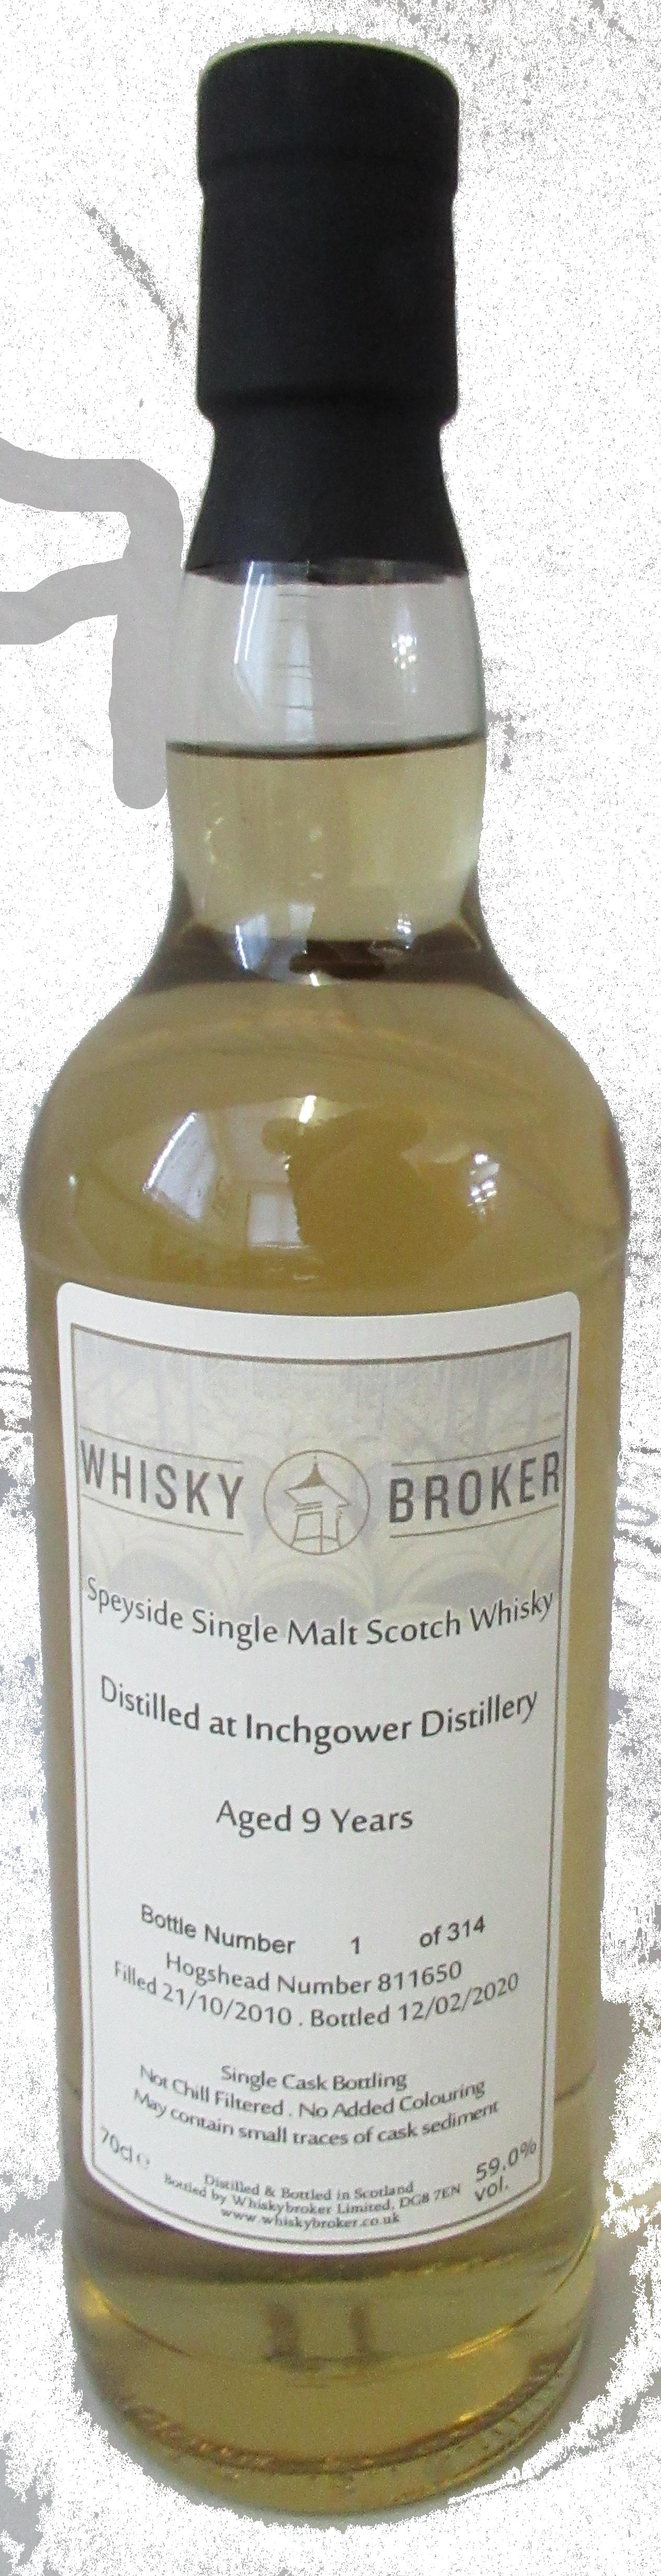 70cl, 9yo Distilled at Inchgower Distillery